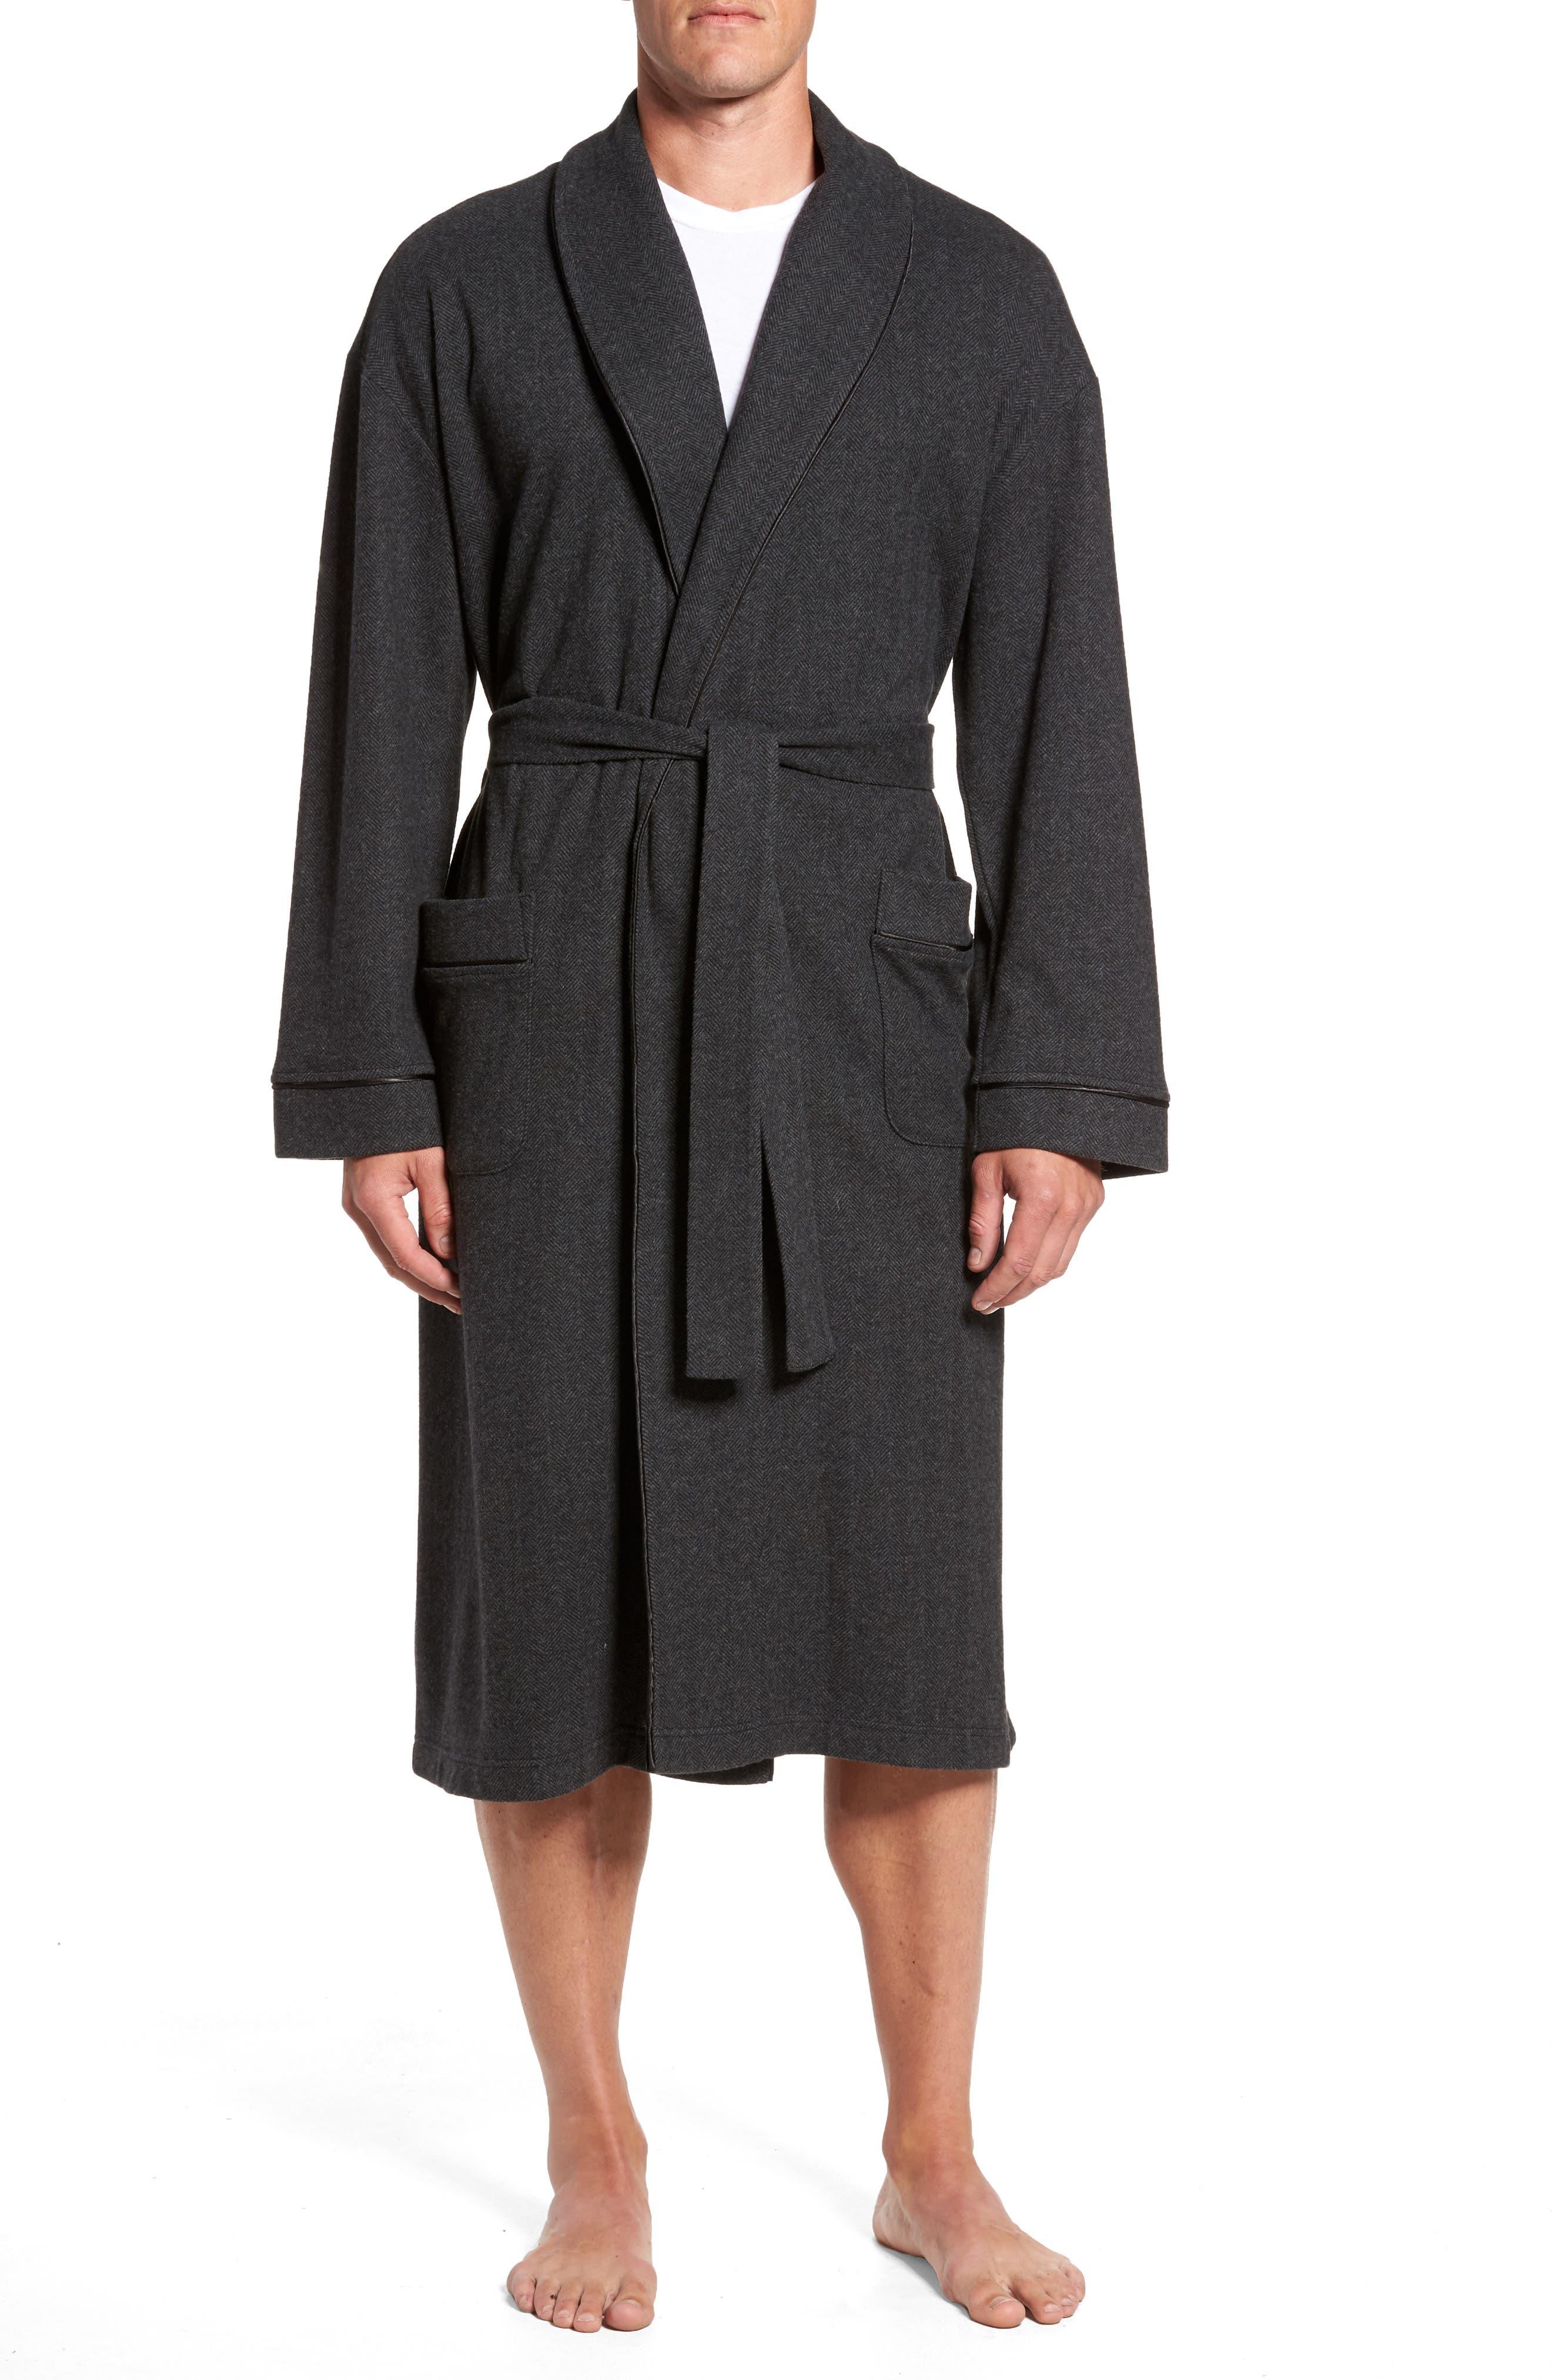 Grayson Robe,                         Main,                         color, 030